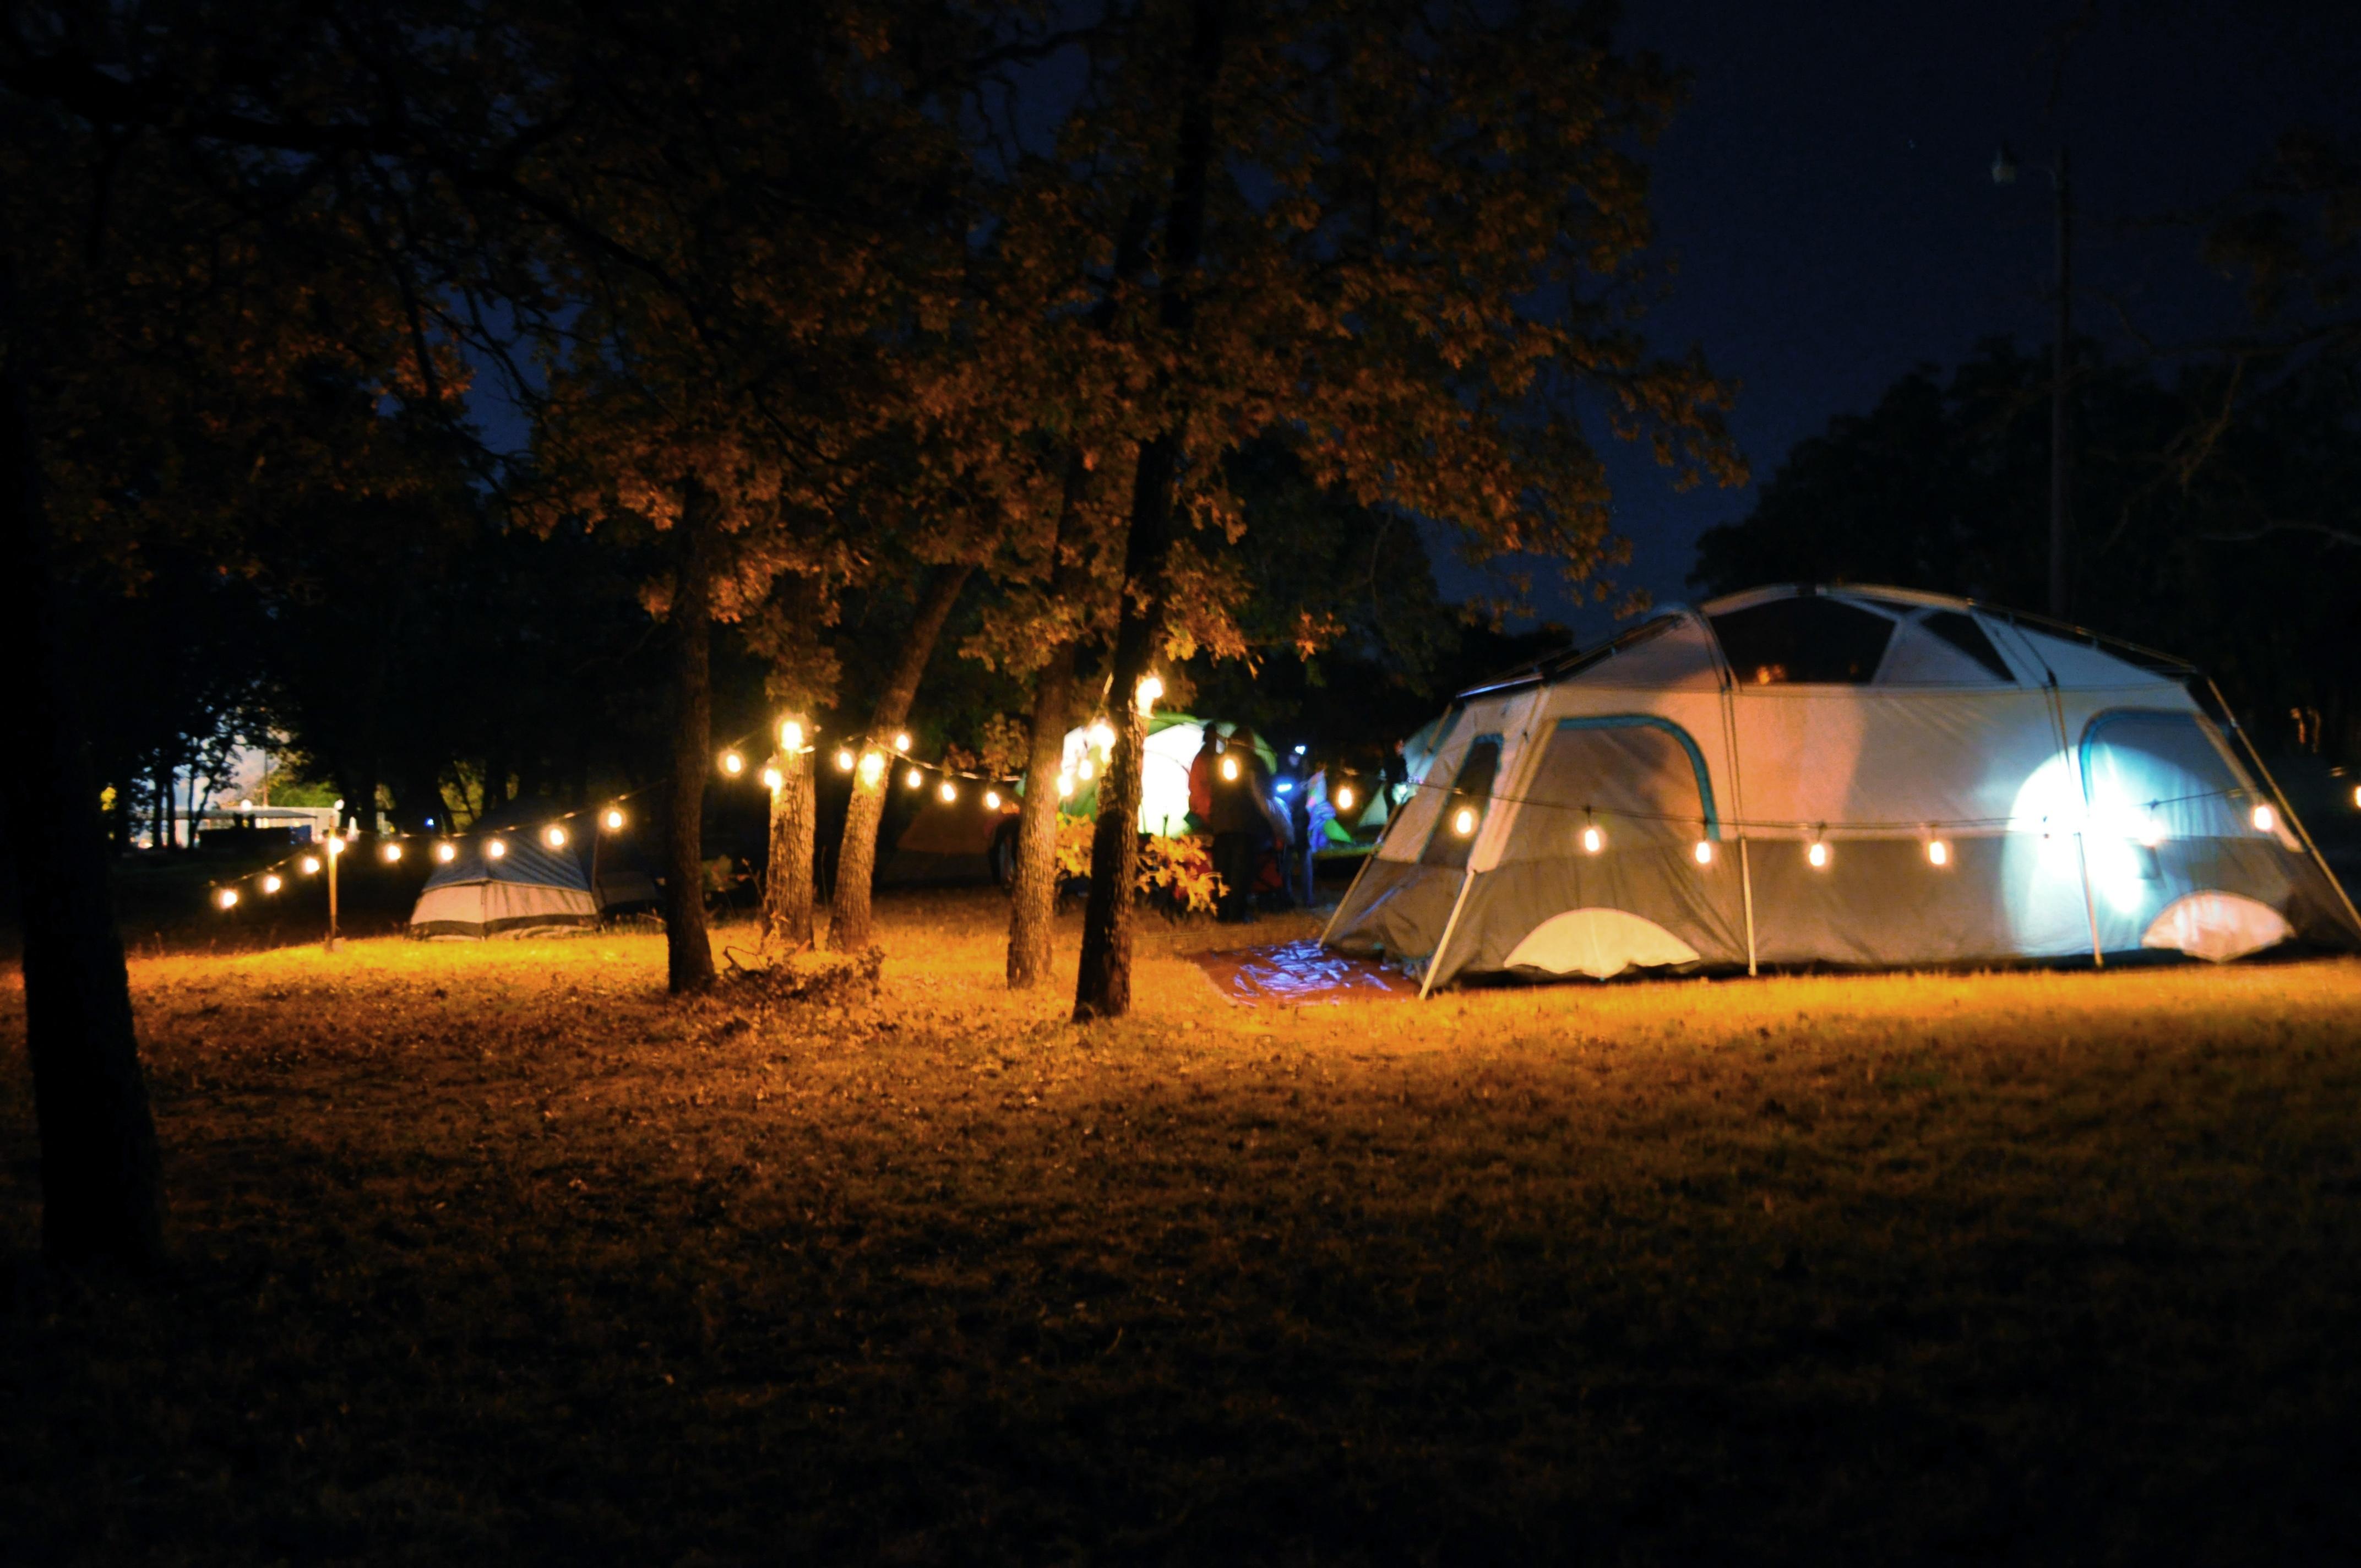 Enbrighen-cafe-lights-camping-outdoor.jpg